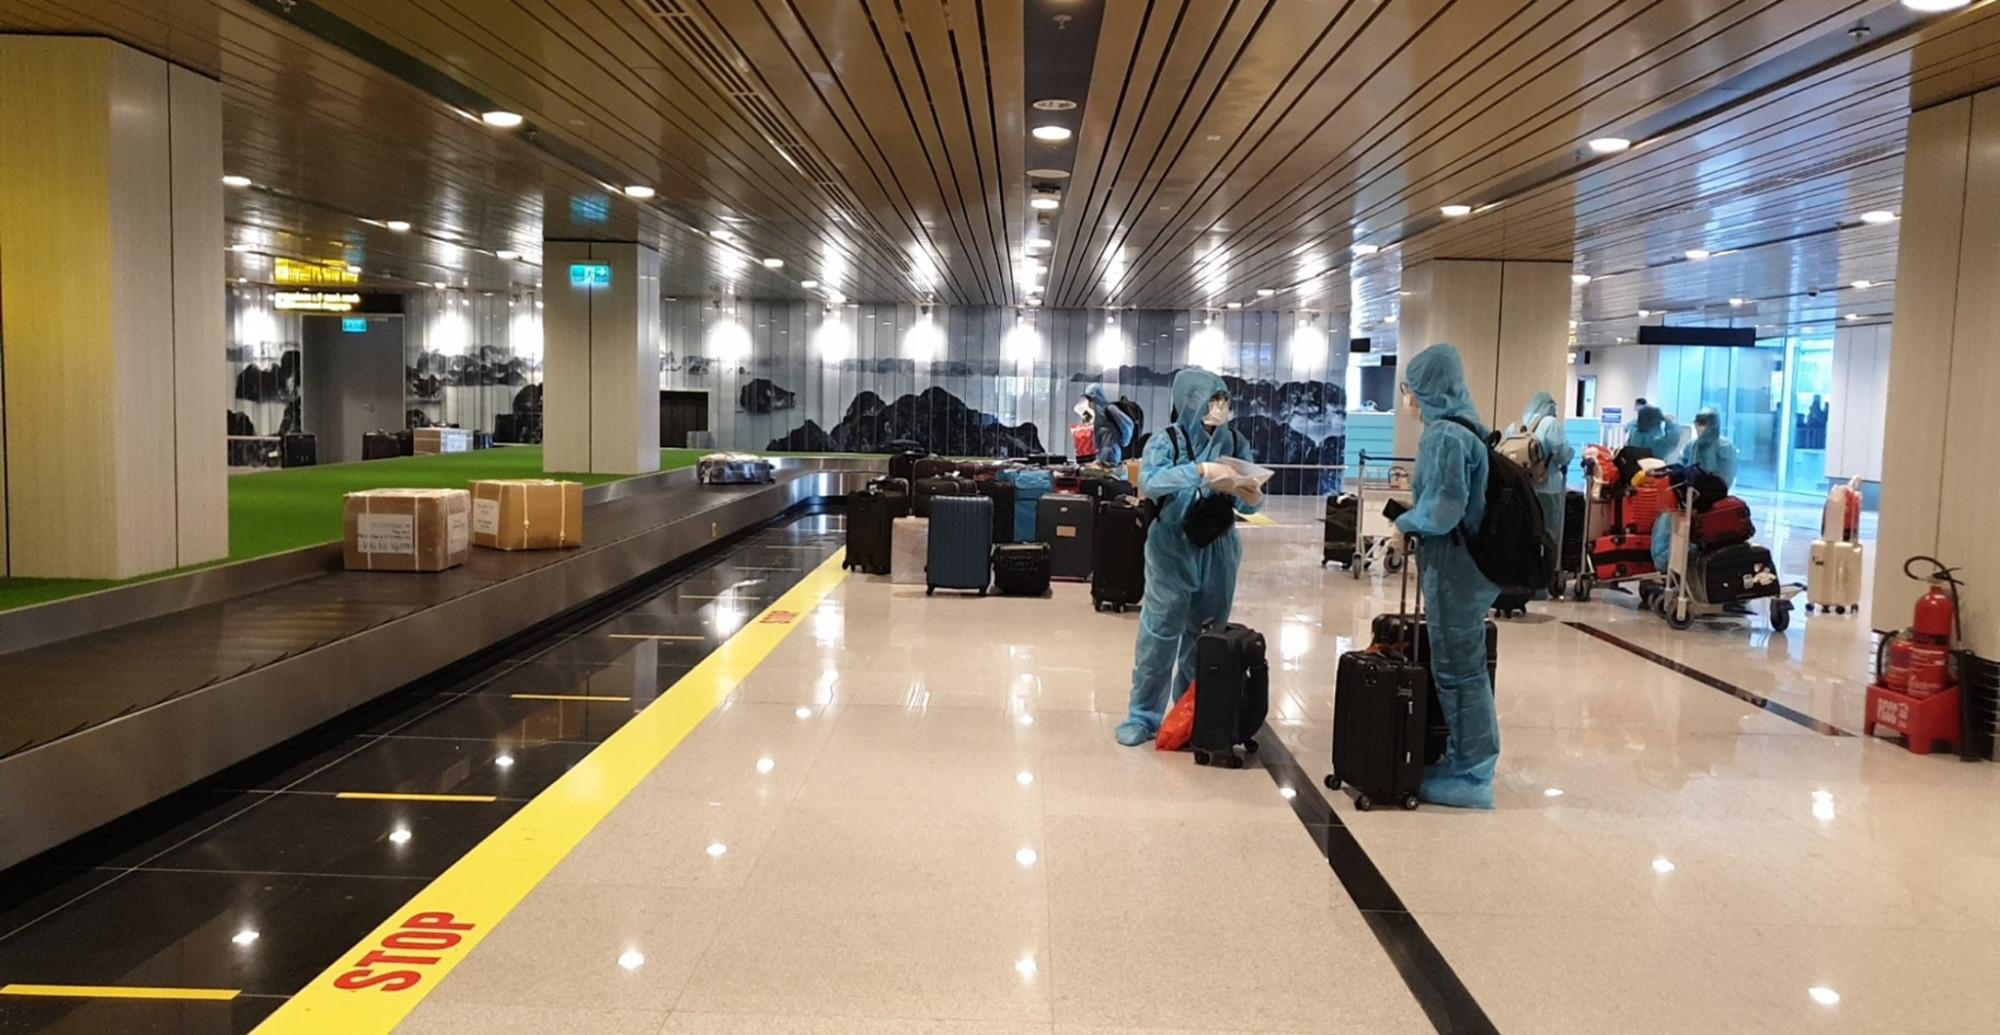 Quy trình đón khách nhập cảnh tại sân bay Vân Đồn tuân thủ các quy chuẩn phòng dịch tuyệt đối an toàn